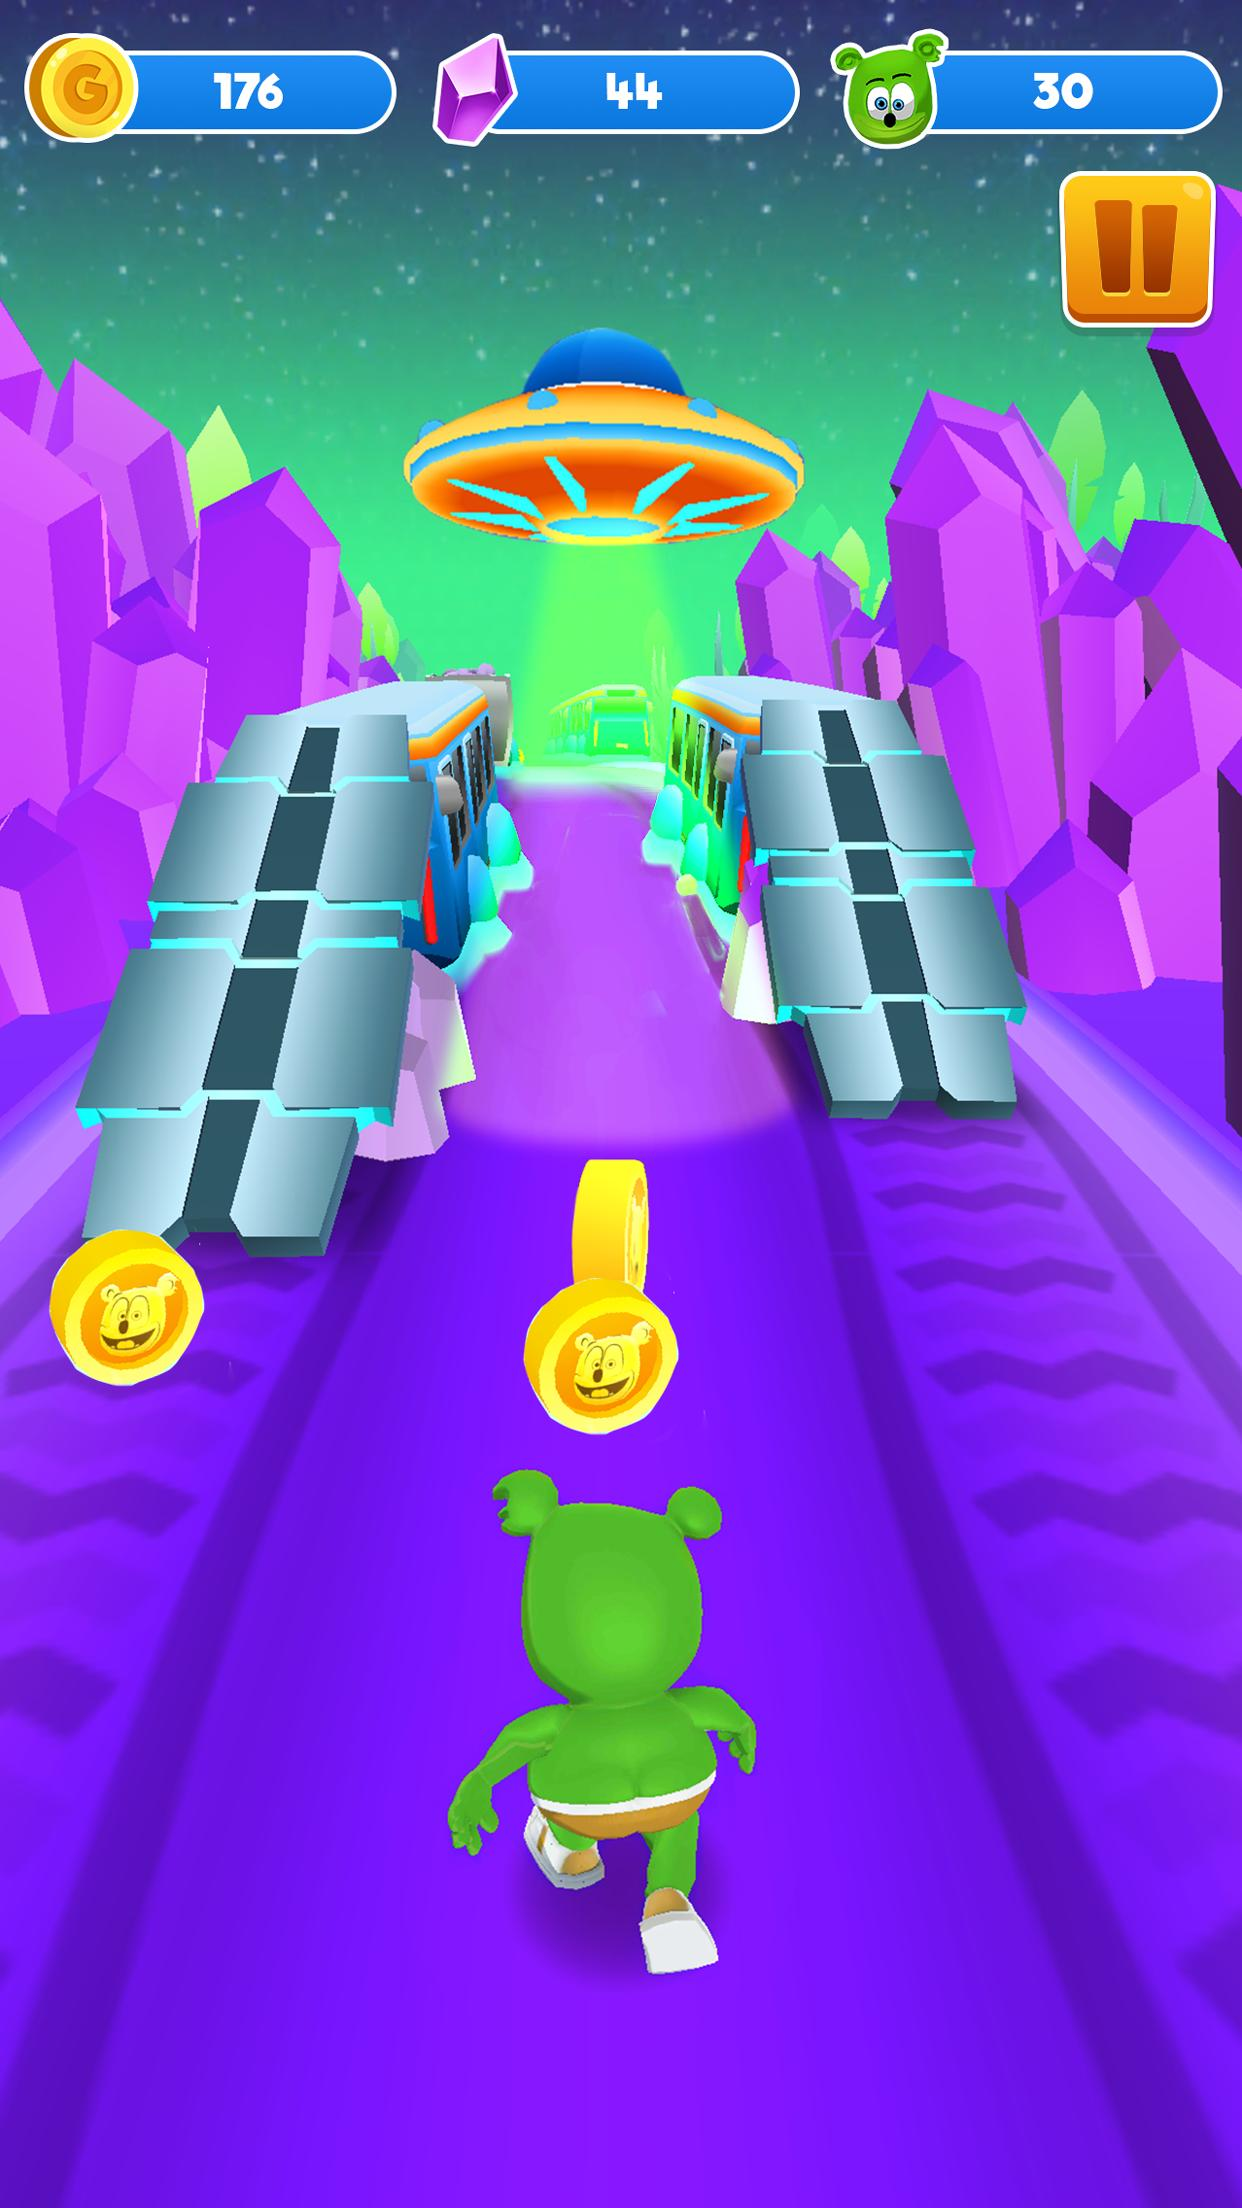 Gummy Bear Running - Endless Runner 2020 1.2.10 Screenshot 13